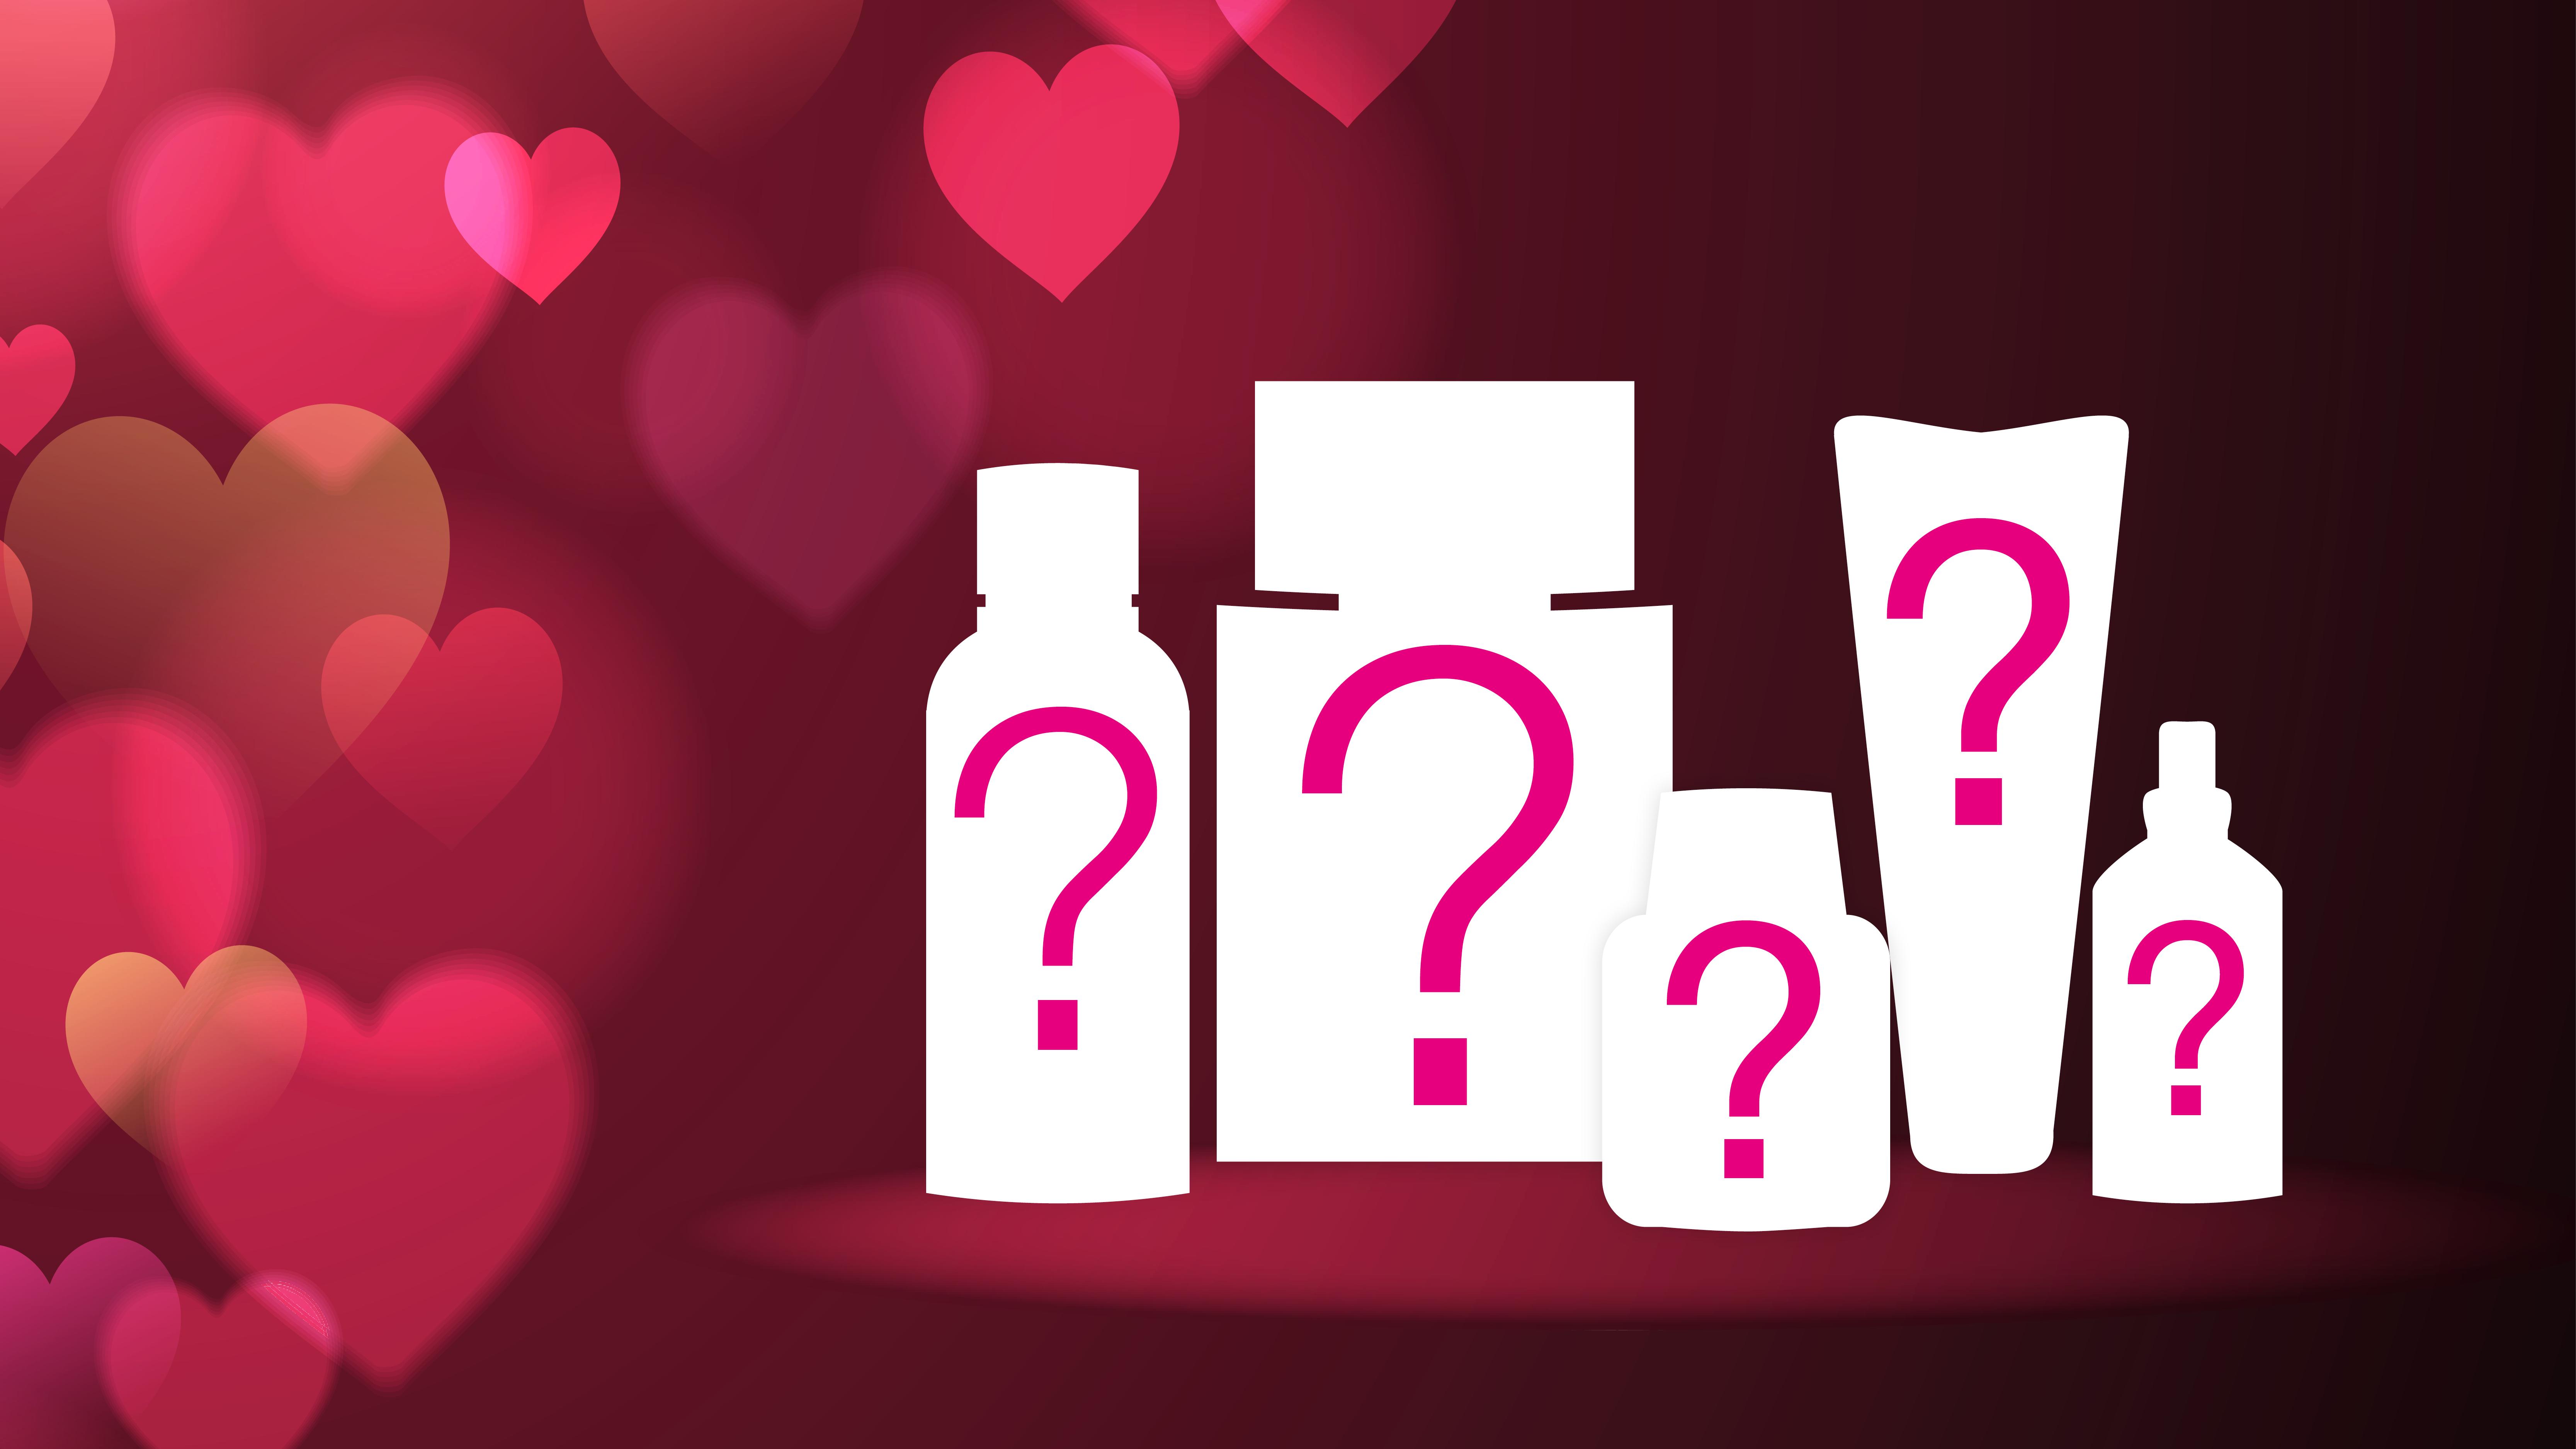 Auch Wenn Wir Wirklich Noch Von Keinen Frühlingsgefühlen Reden Können,  Rückt Der Valentinstag Näher Und Näher. Puh Was Soll Man Da Schenken?